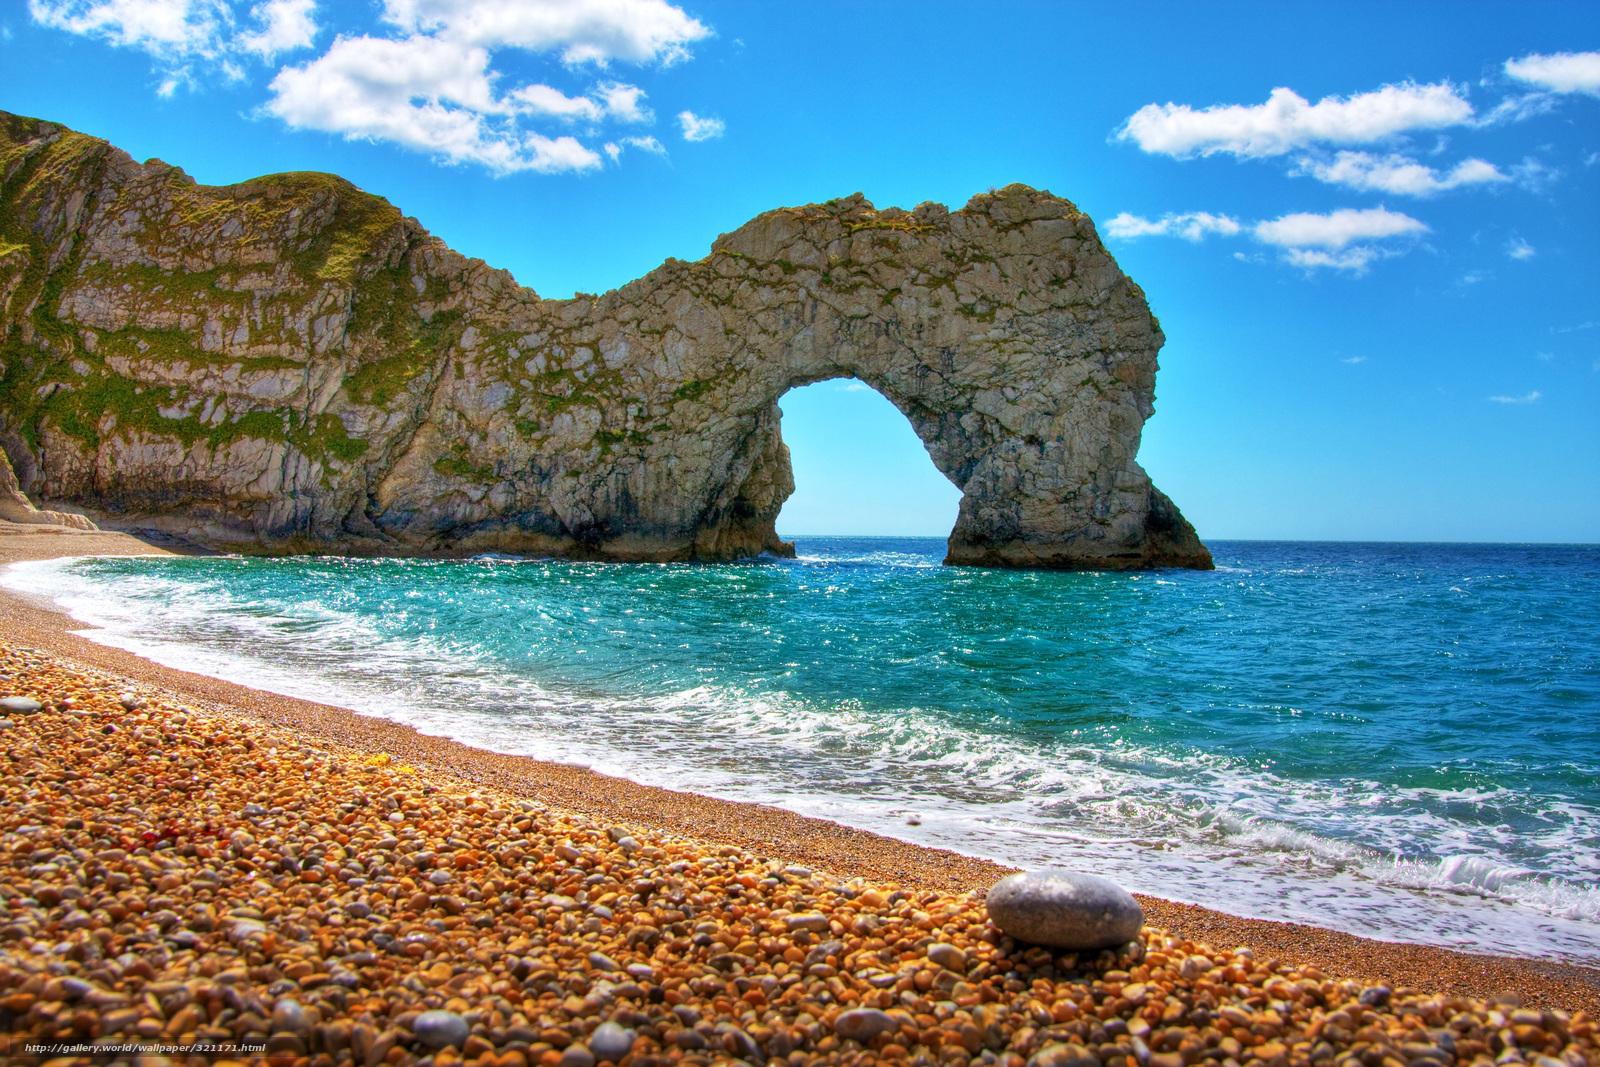 Скачать обои природа море скала арка